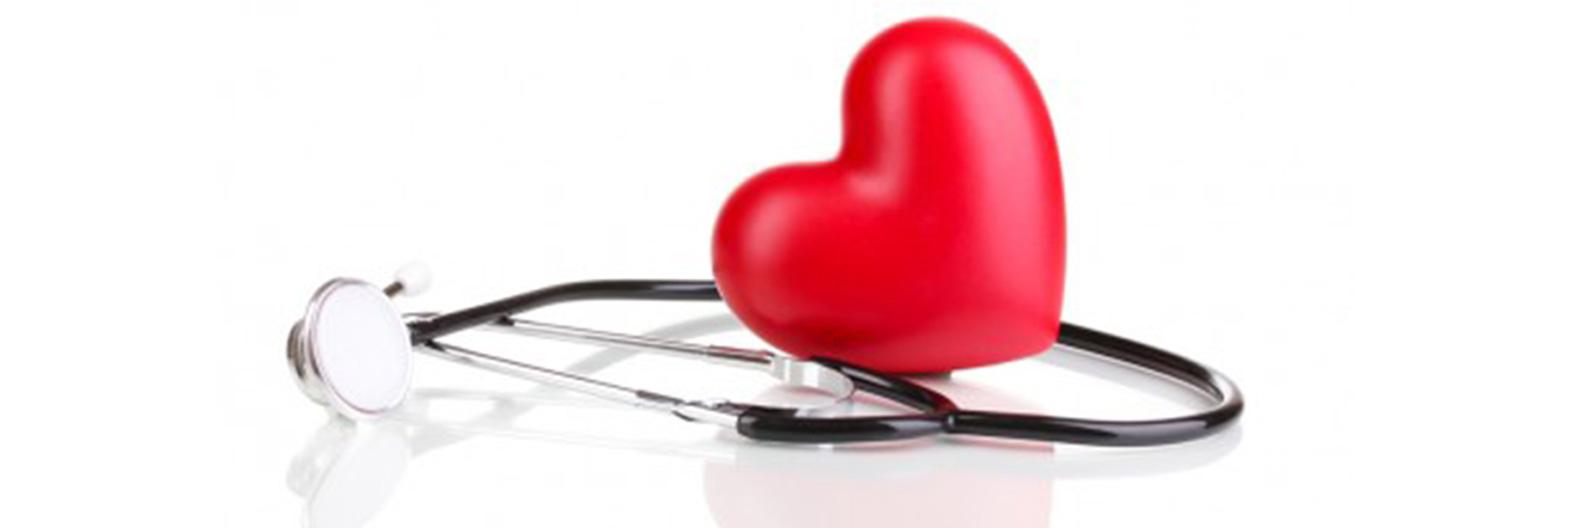 Kardiologė: pakilęs kraujospūdis – liga visam gyvenimui   taf.lt